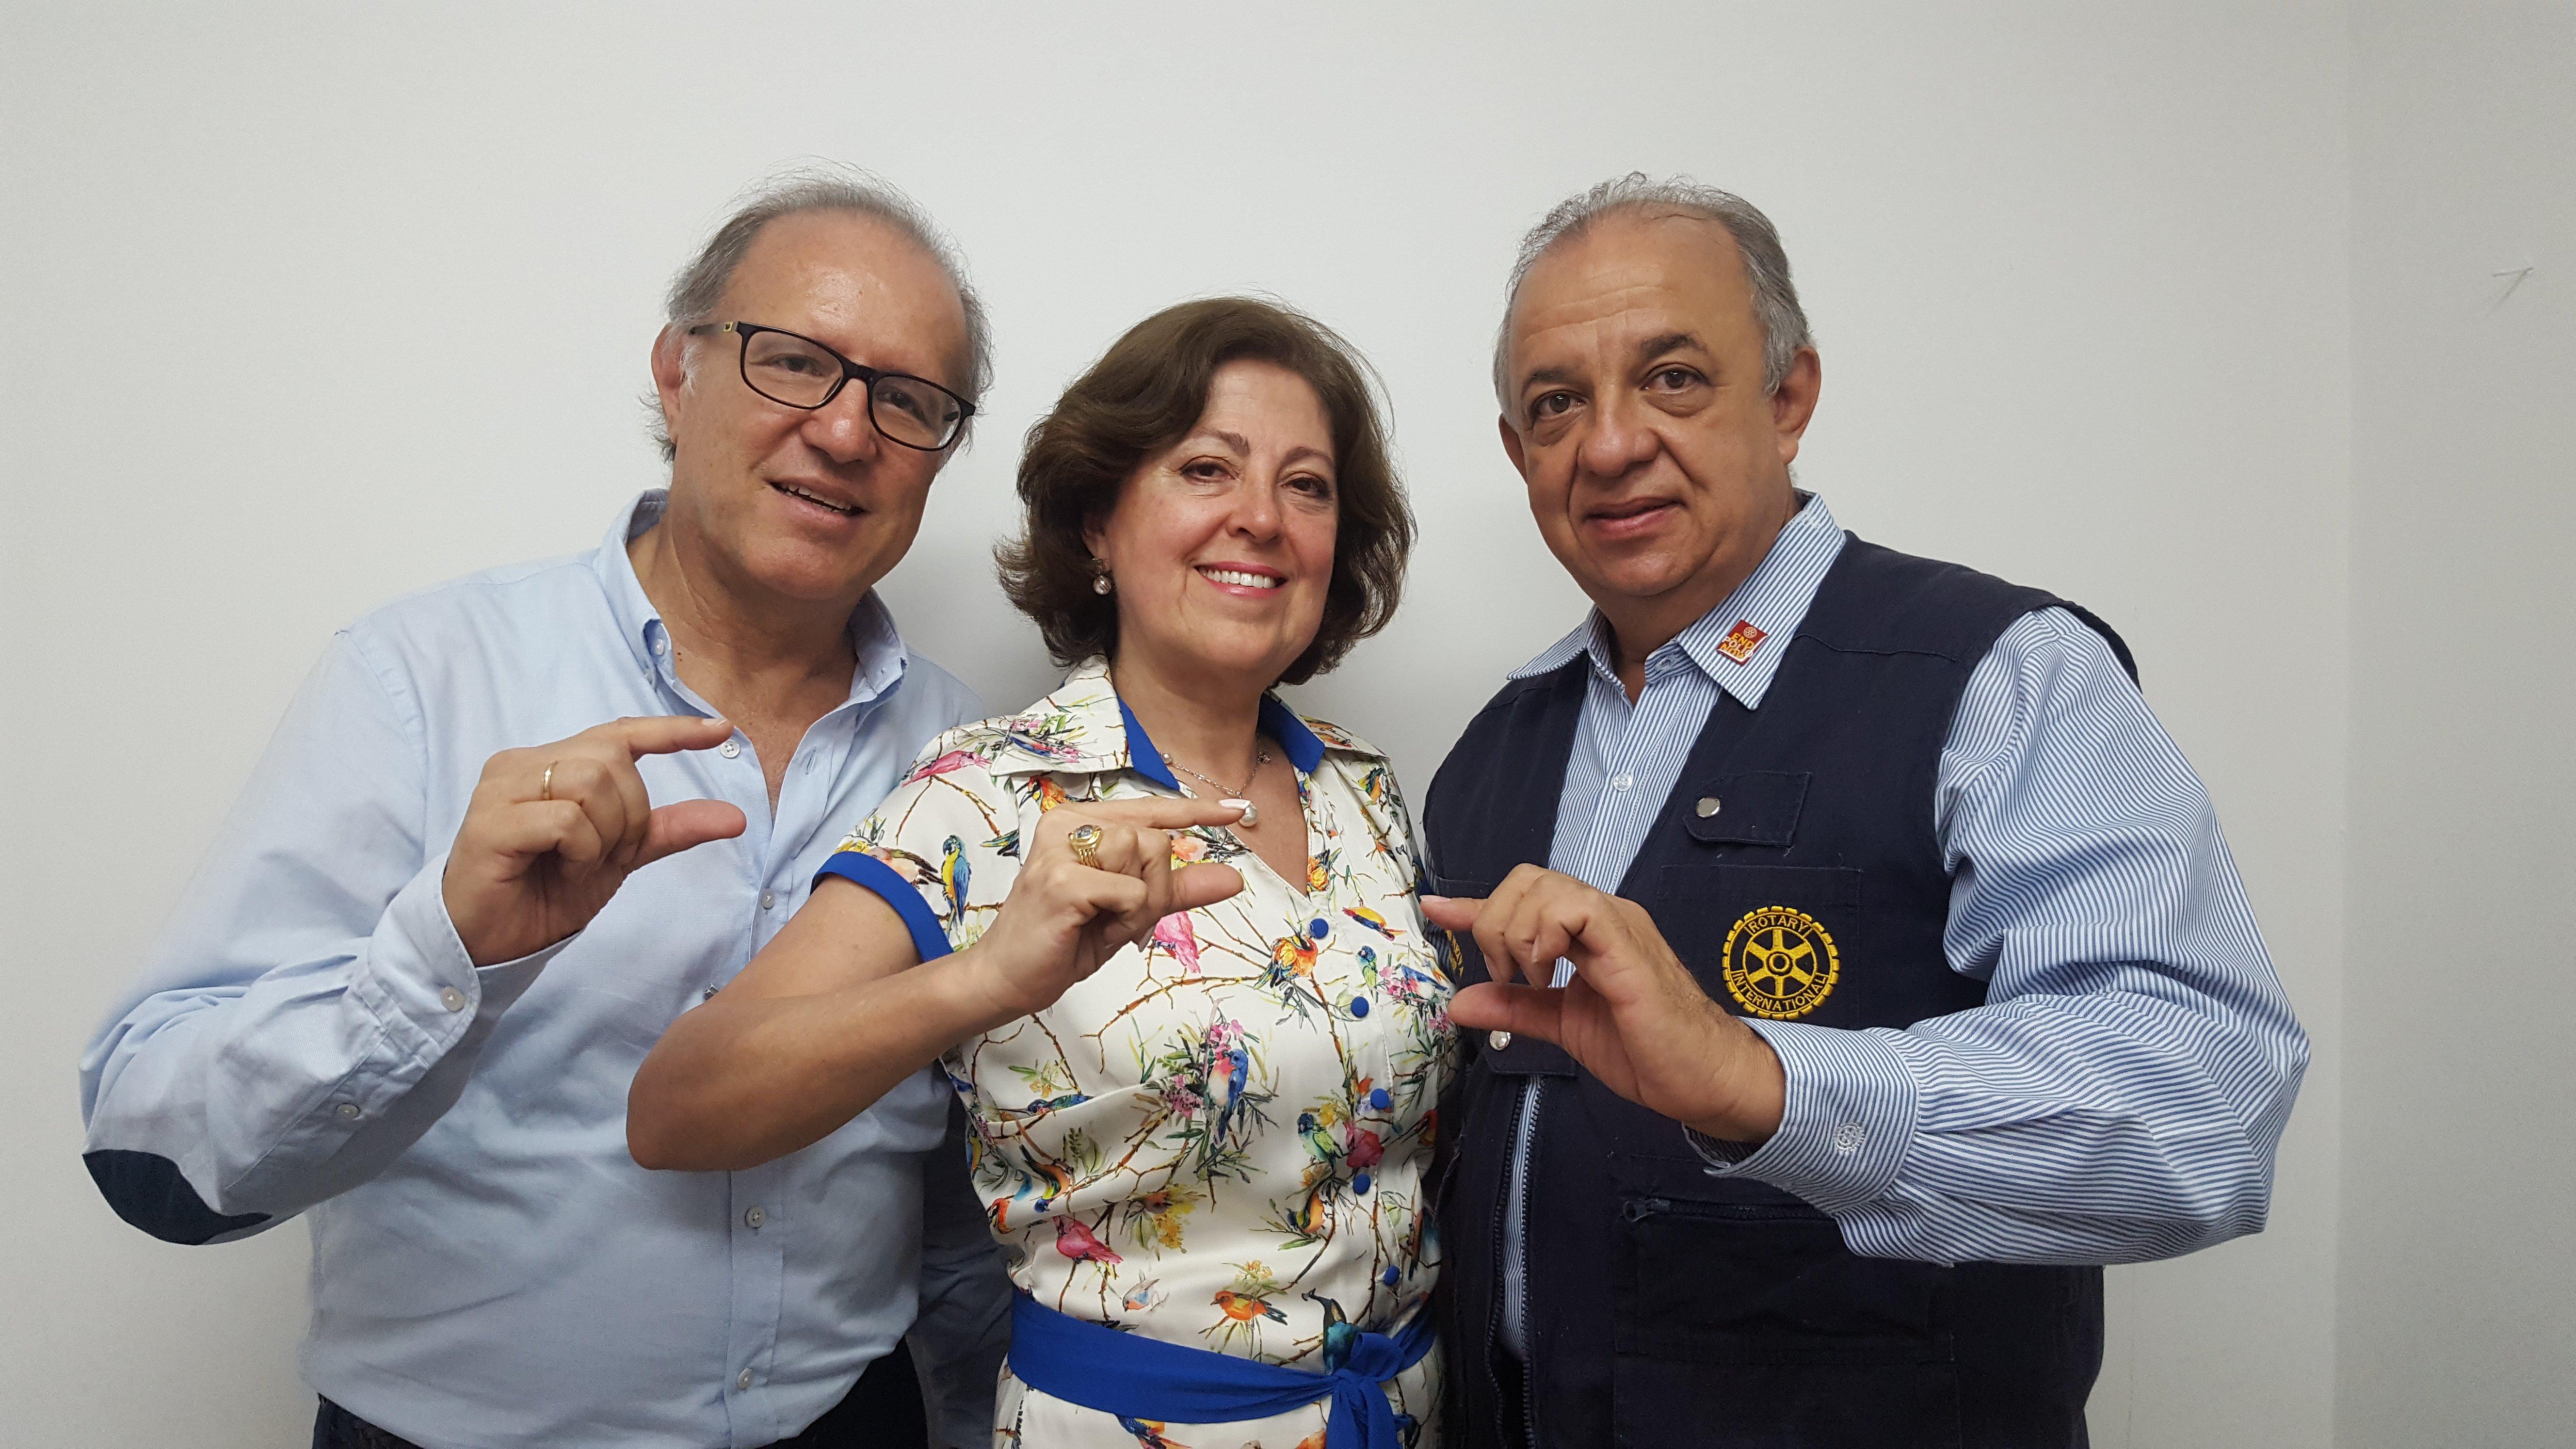 Rotary International celebra el Día Mundial contra la Polio